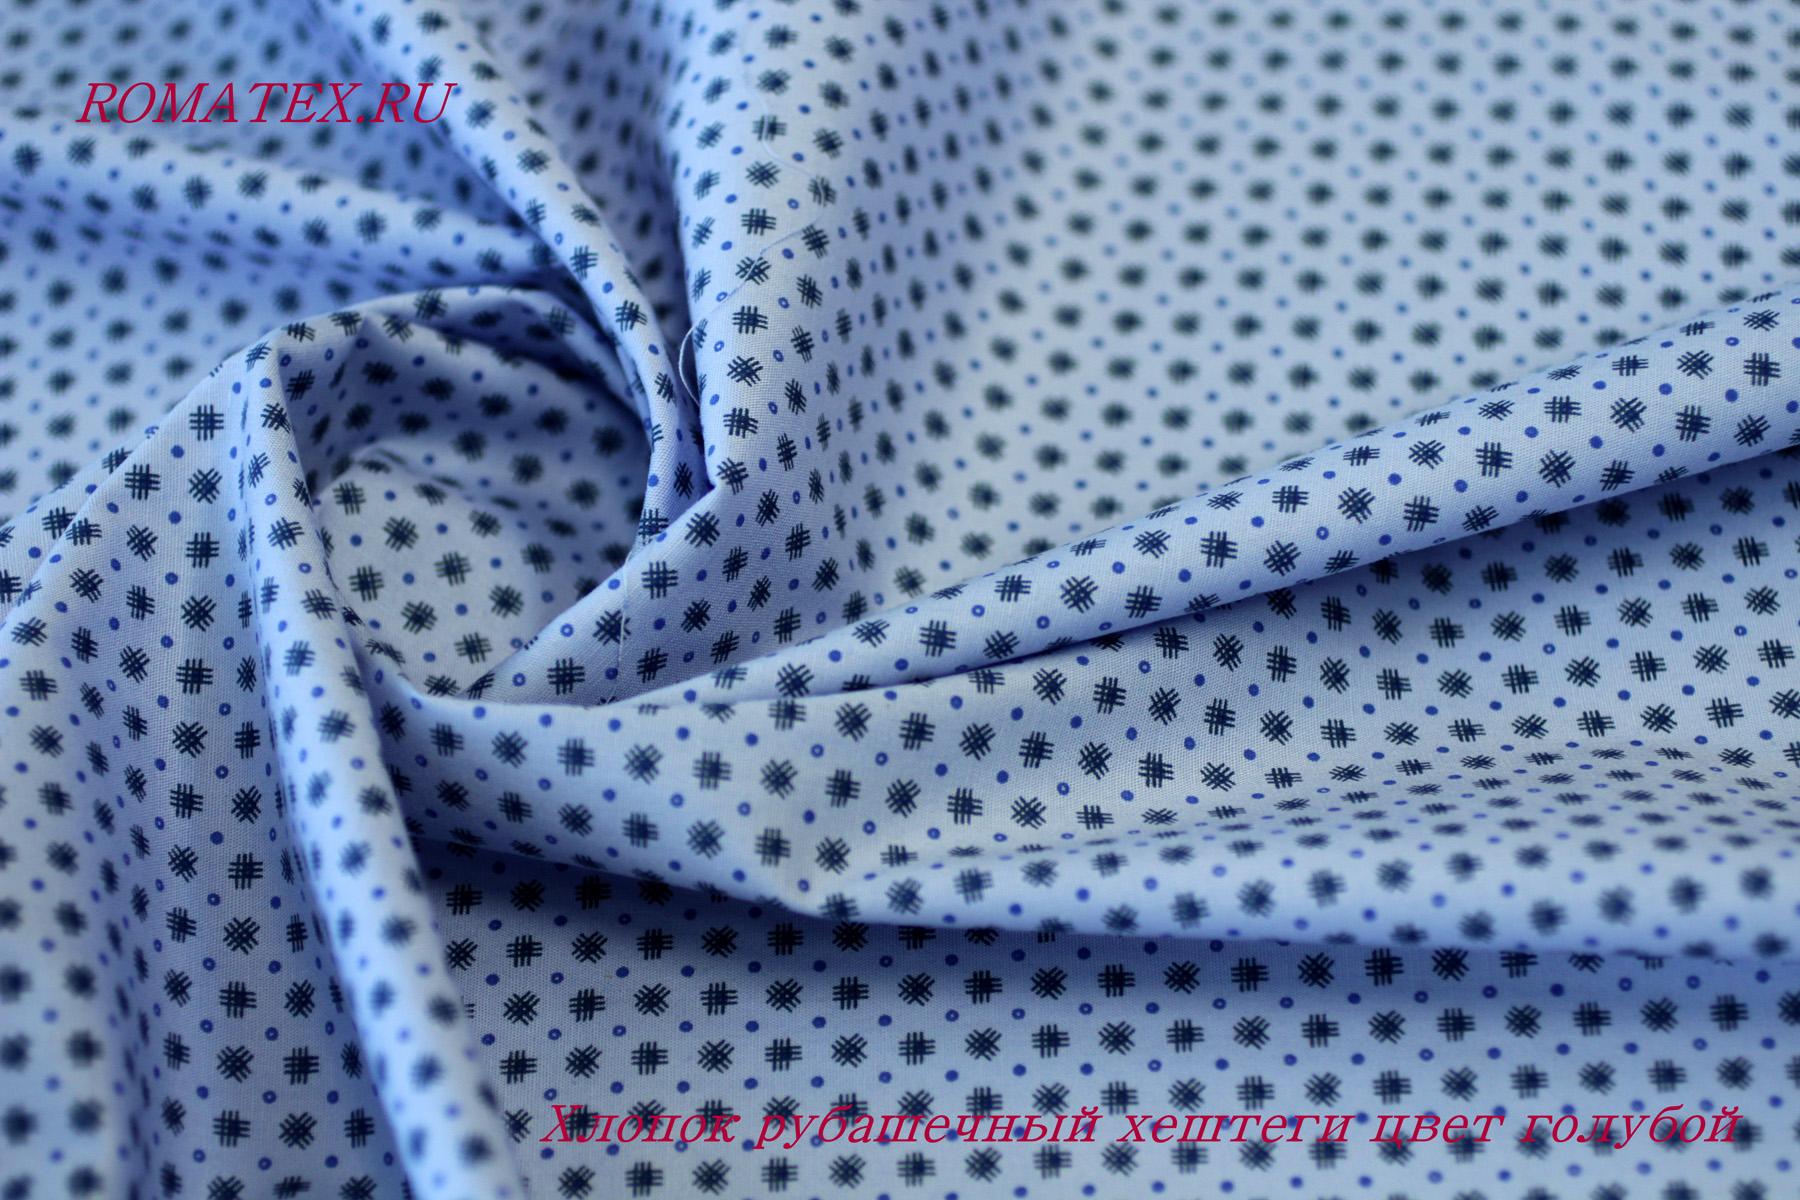 Хлопок рубашечный хештеги цвет голубой